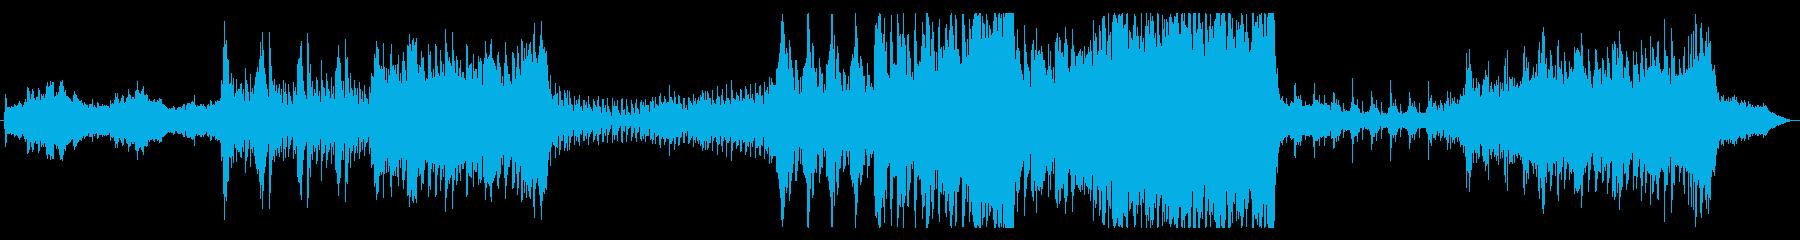 映画・トレーラー・エピック系・ダークの再生済みの波形